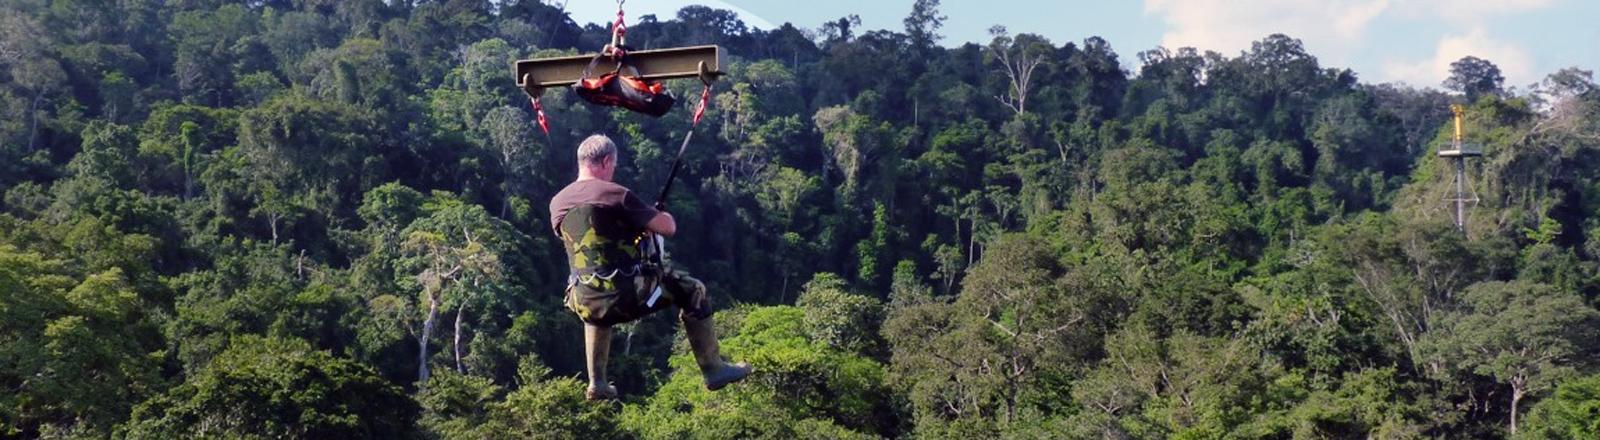 Gerhard Gottsberger schwebt mit Copas über den Baumkronen in Französisch Guayana.